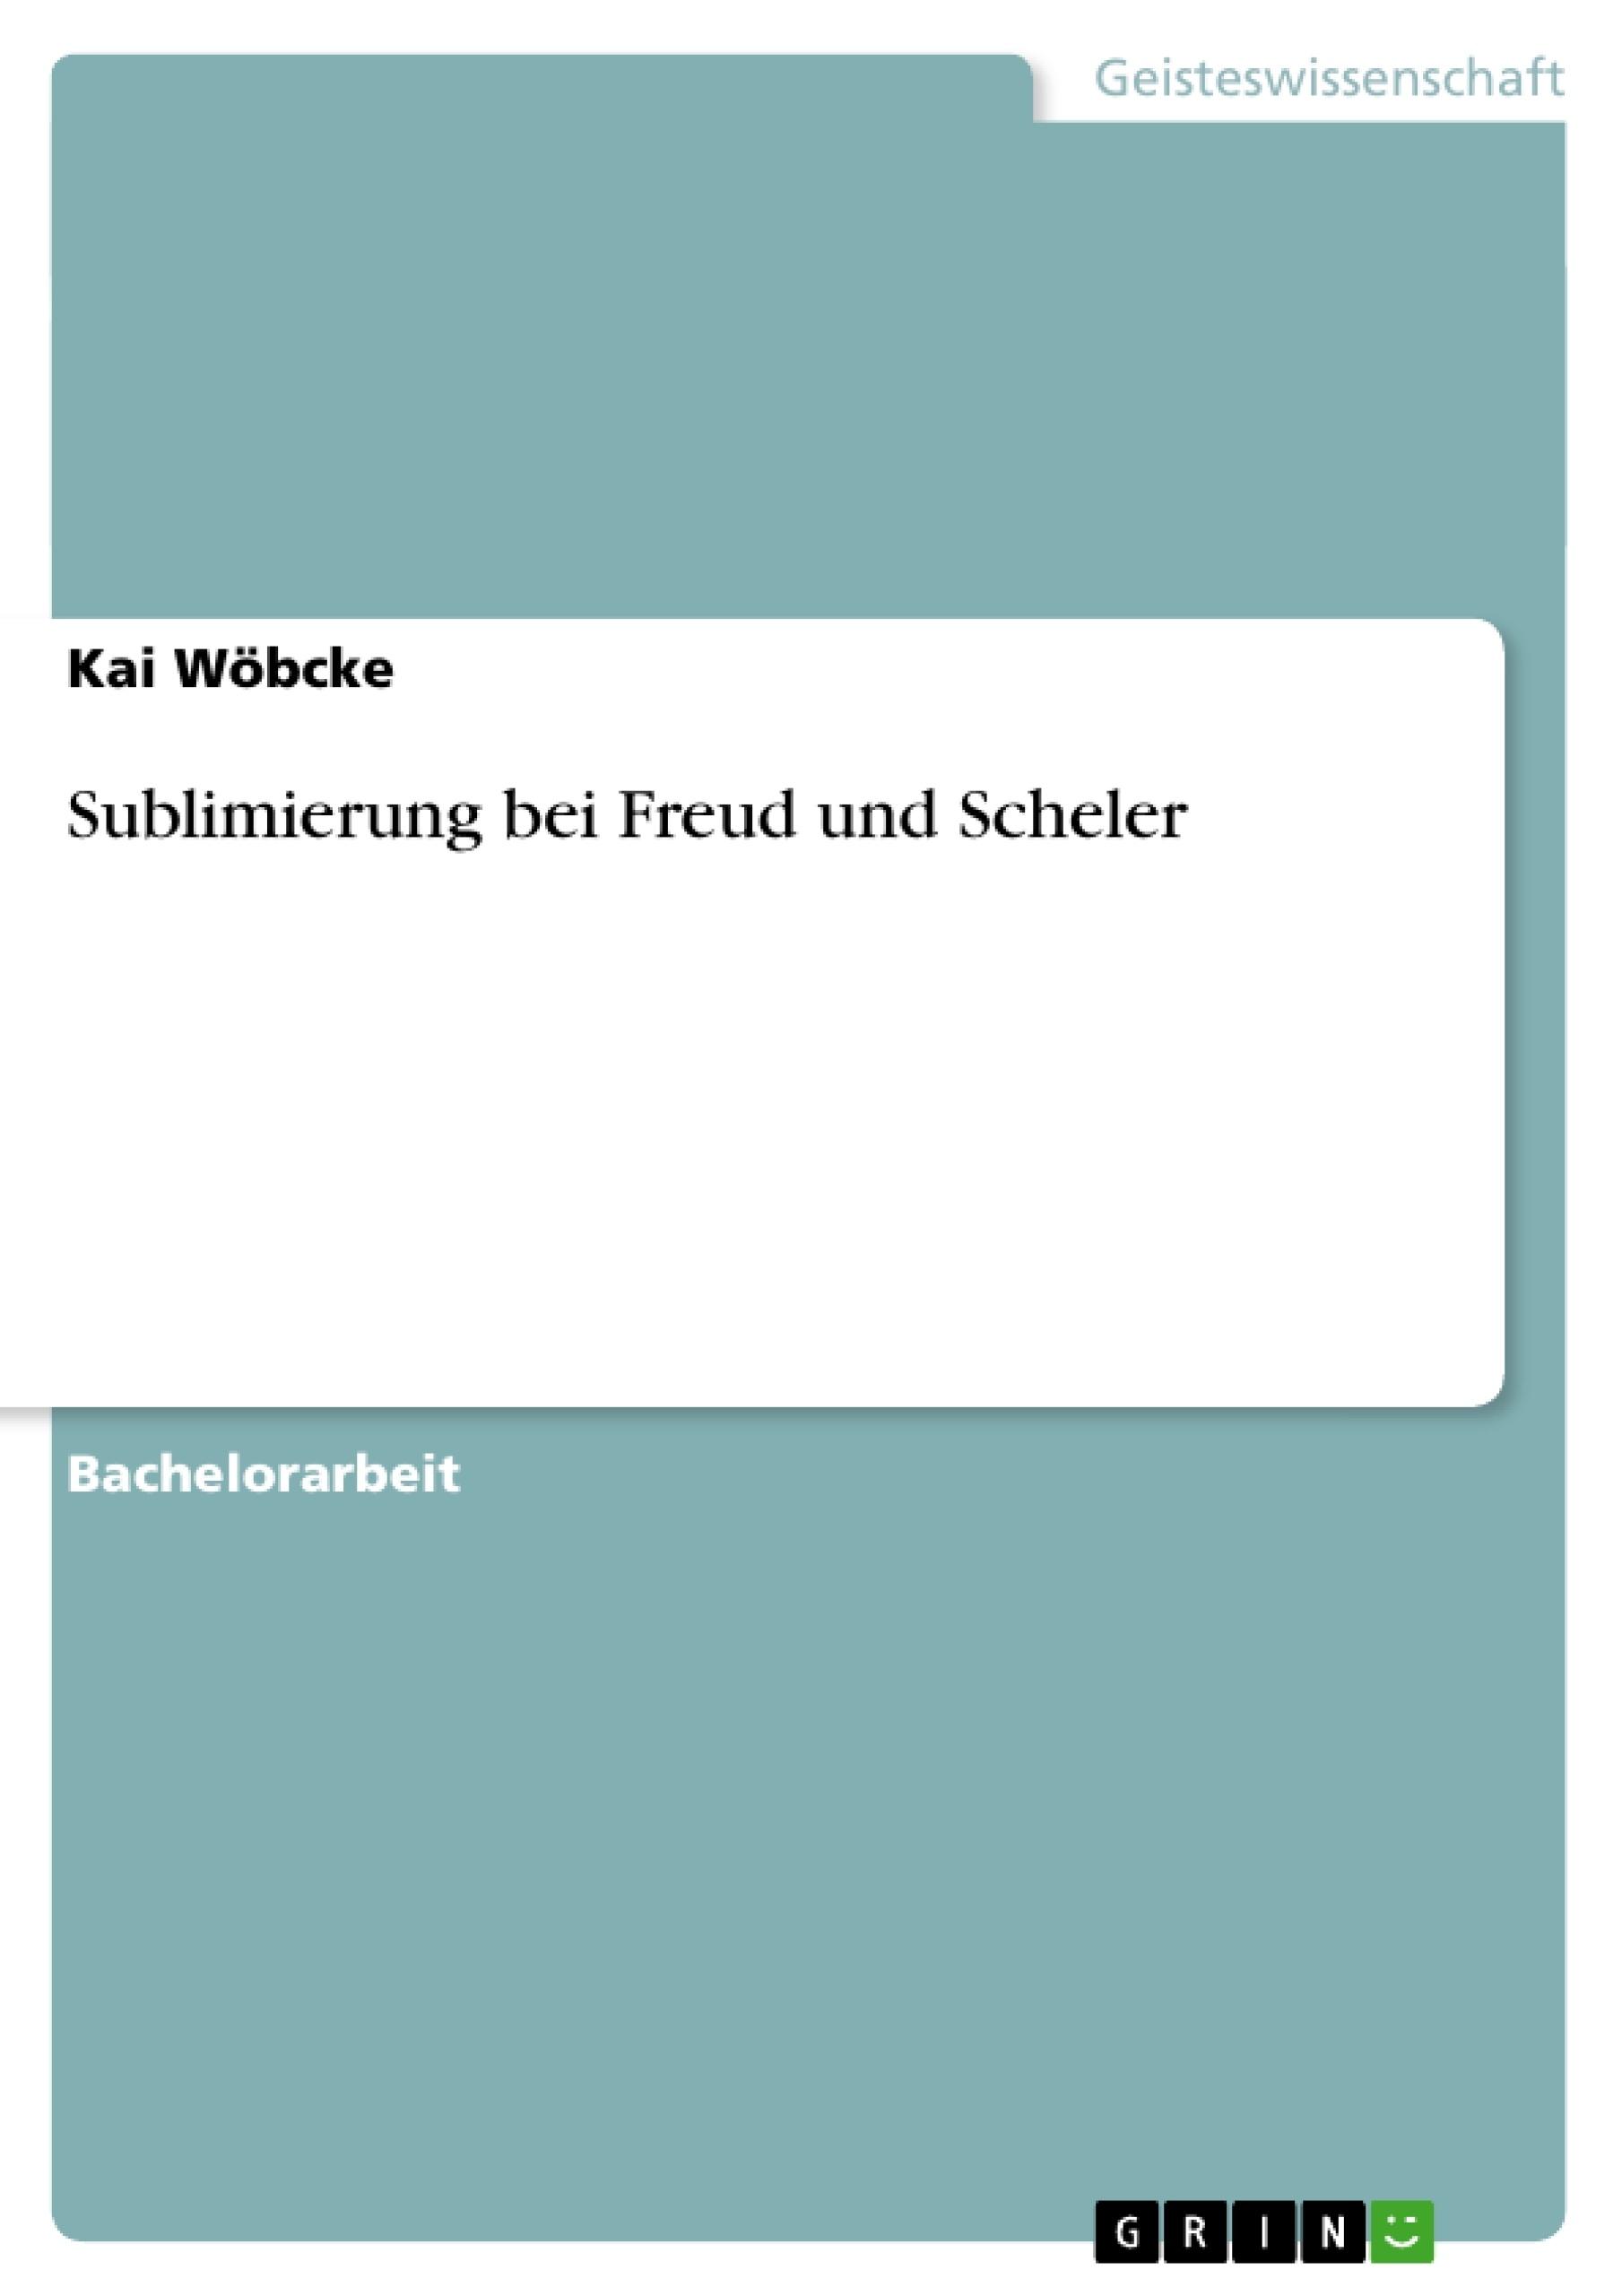 Titel: Sublimierung bei Freud und Scheler